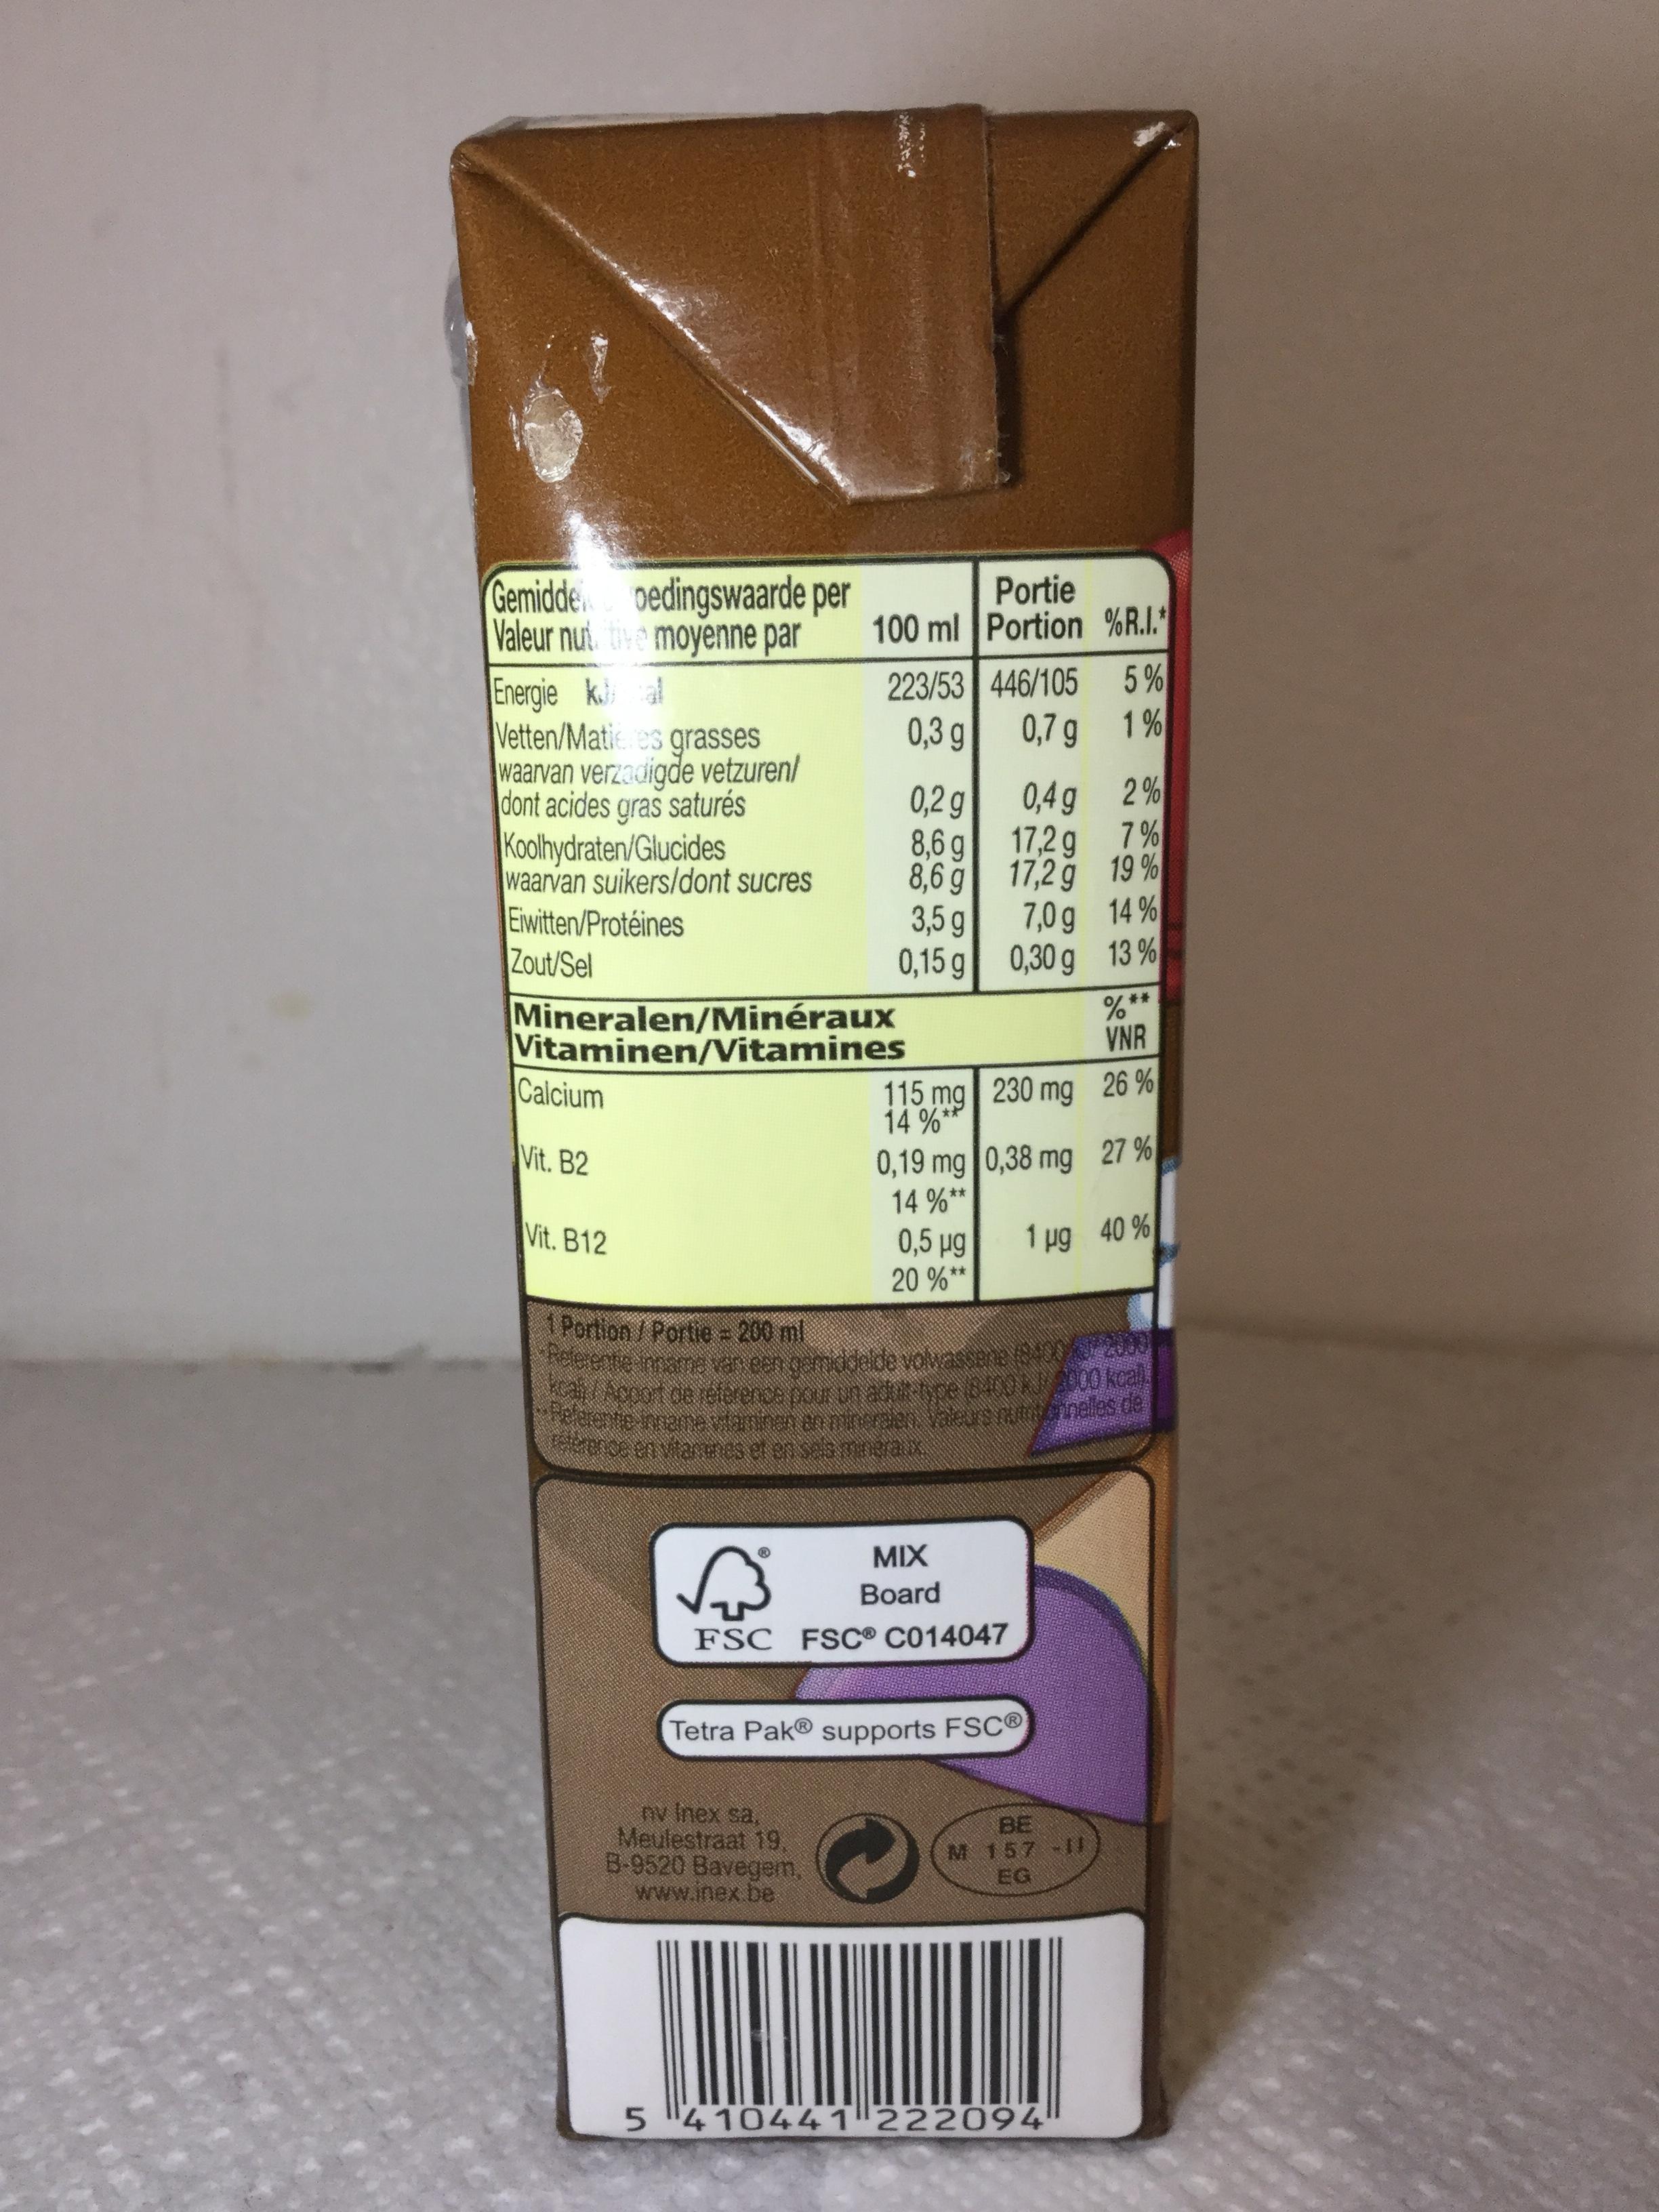 Inex Choco Melk Side 1